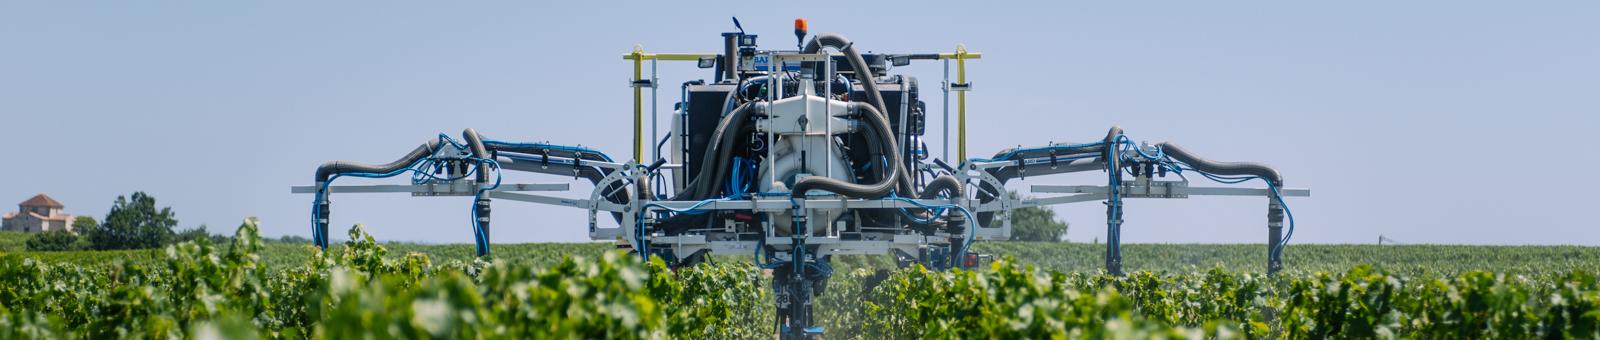 viticulture-precision-vantage-pulverisation.jpg